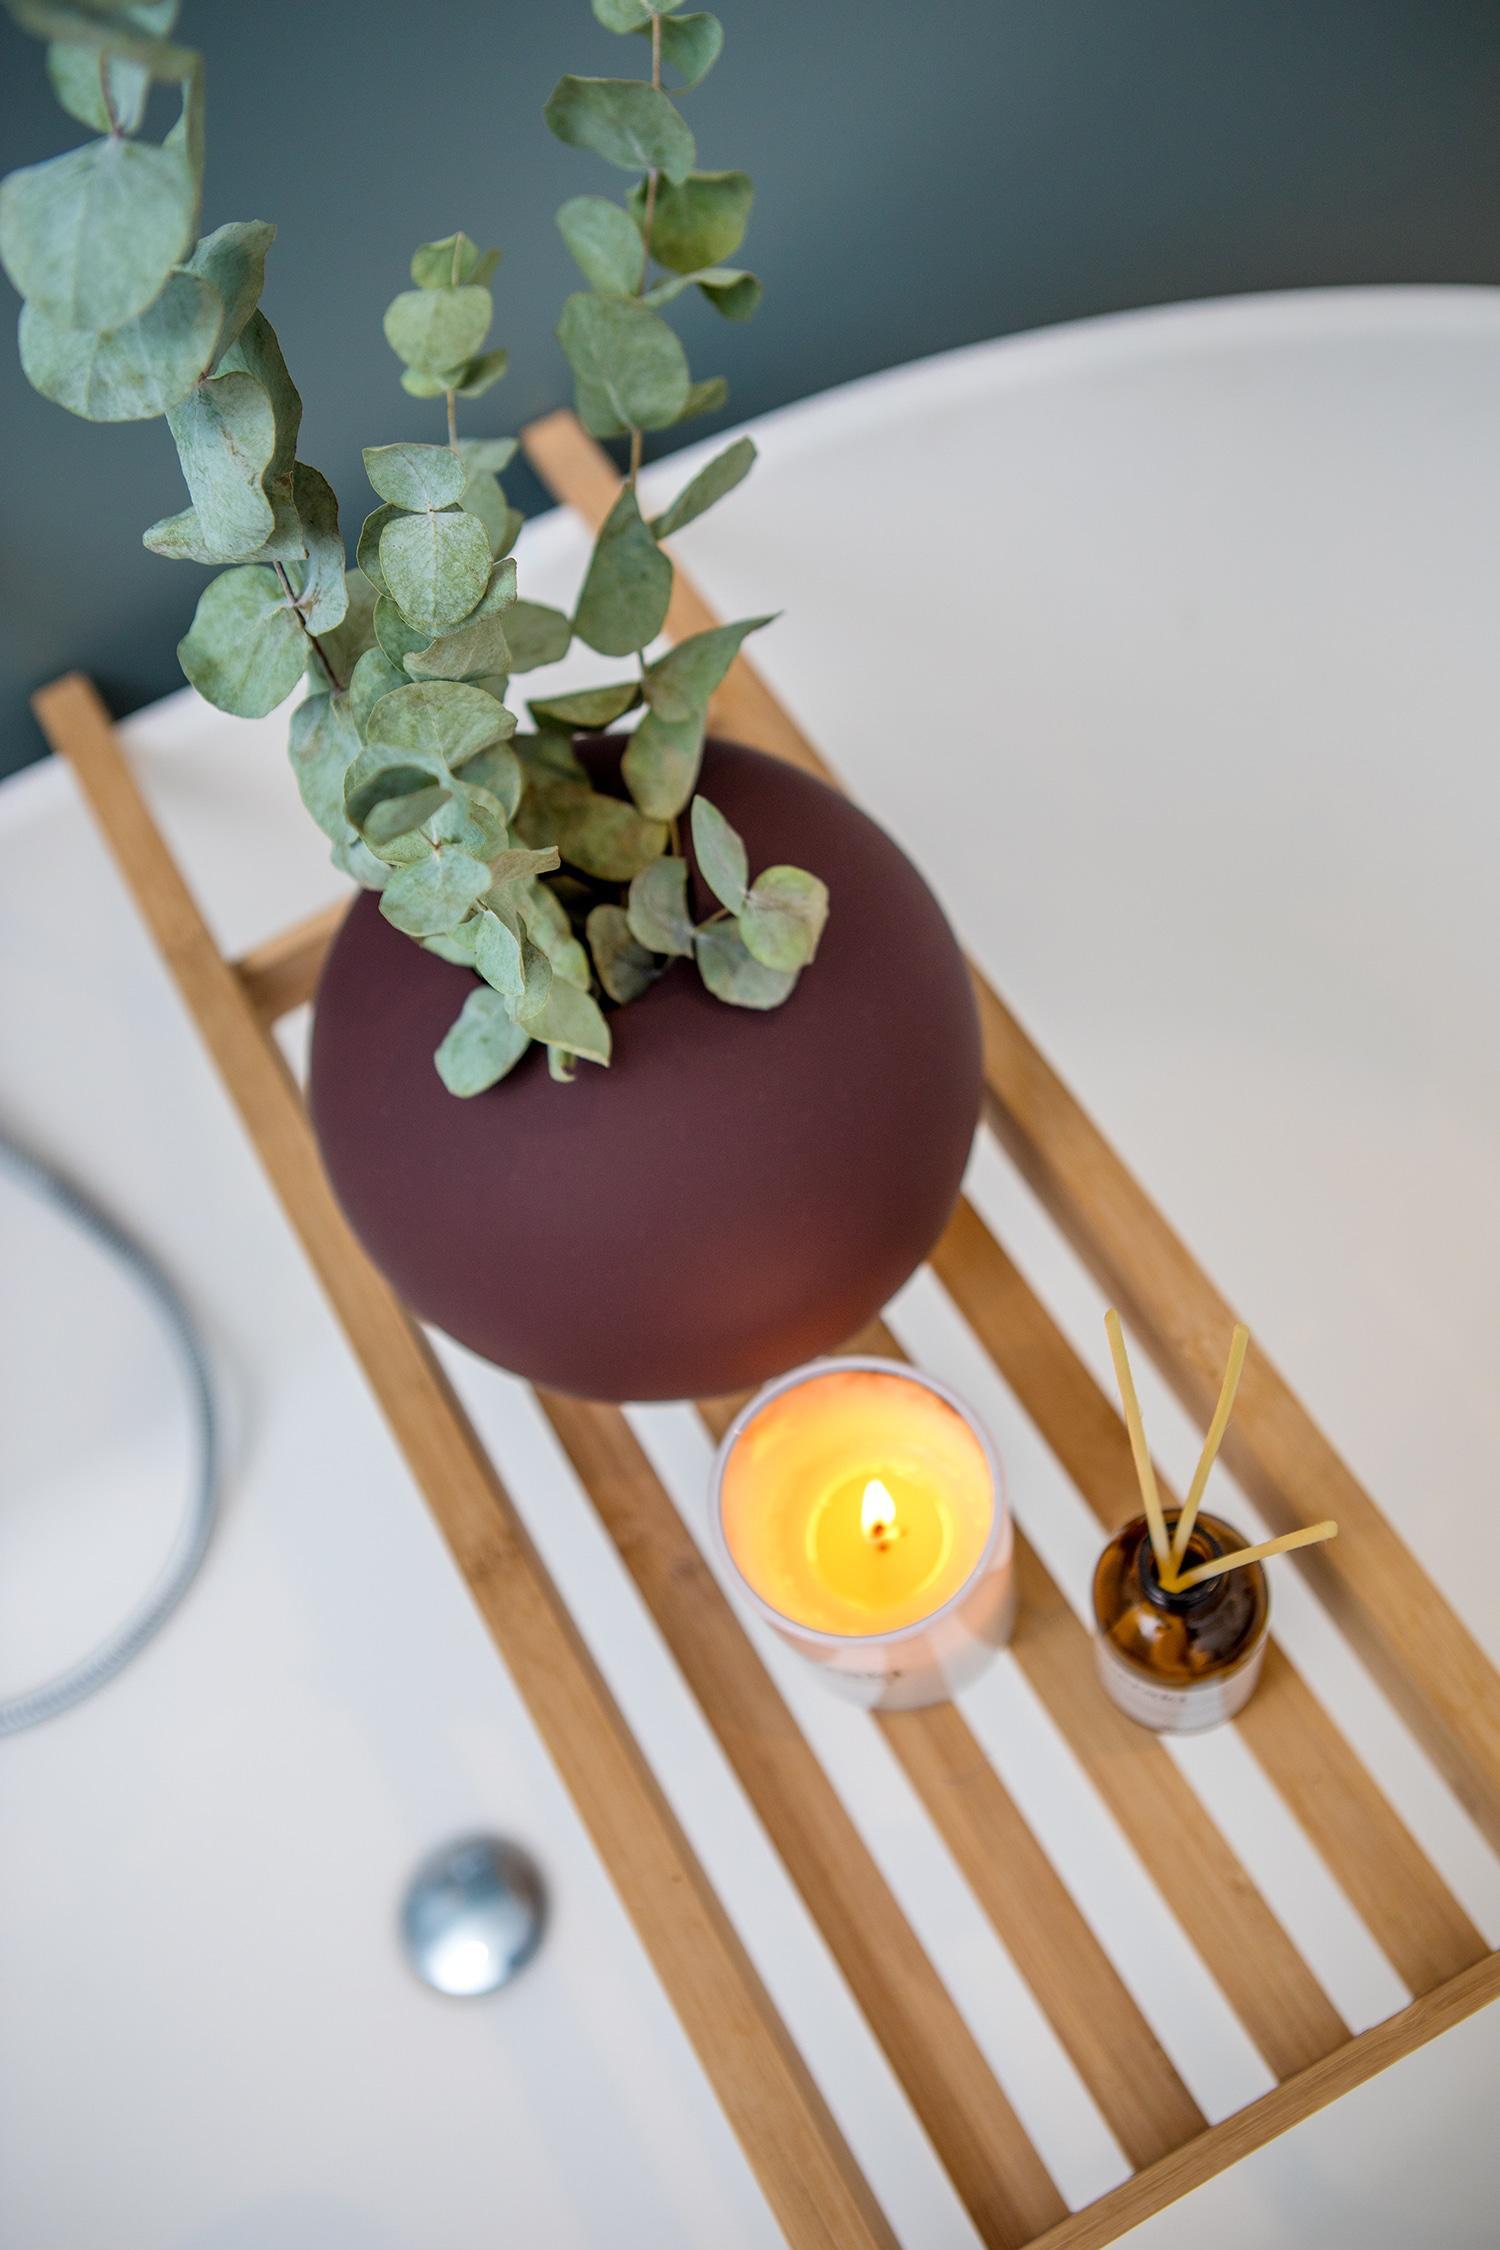 Detaljbilde av badekarbord med plante, duftlys og duftpinner